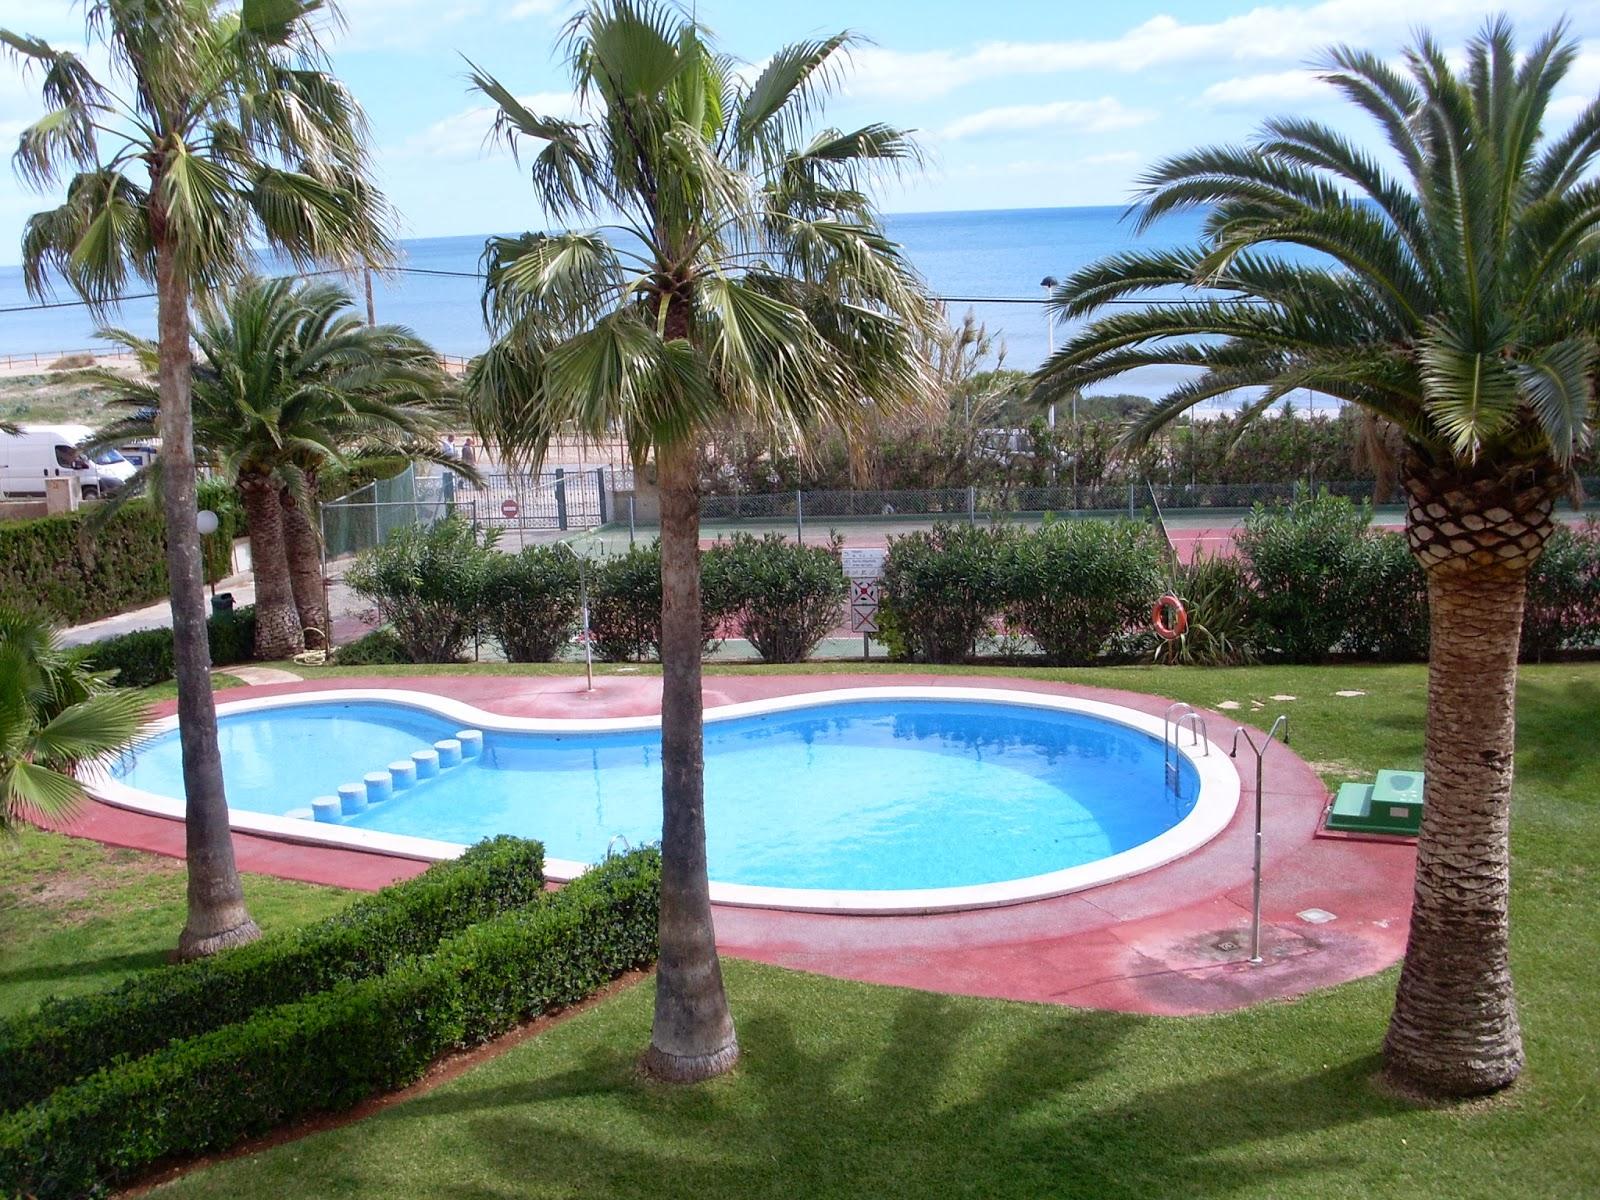 Apartamentos en alcoc ber urbanizaci n playa romana una habitaci n - Apartamentos en alcocebre ...